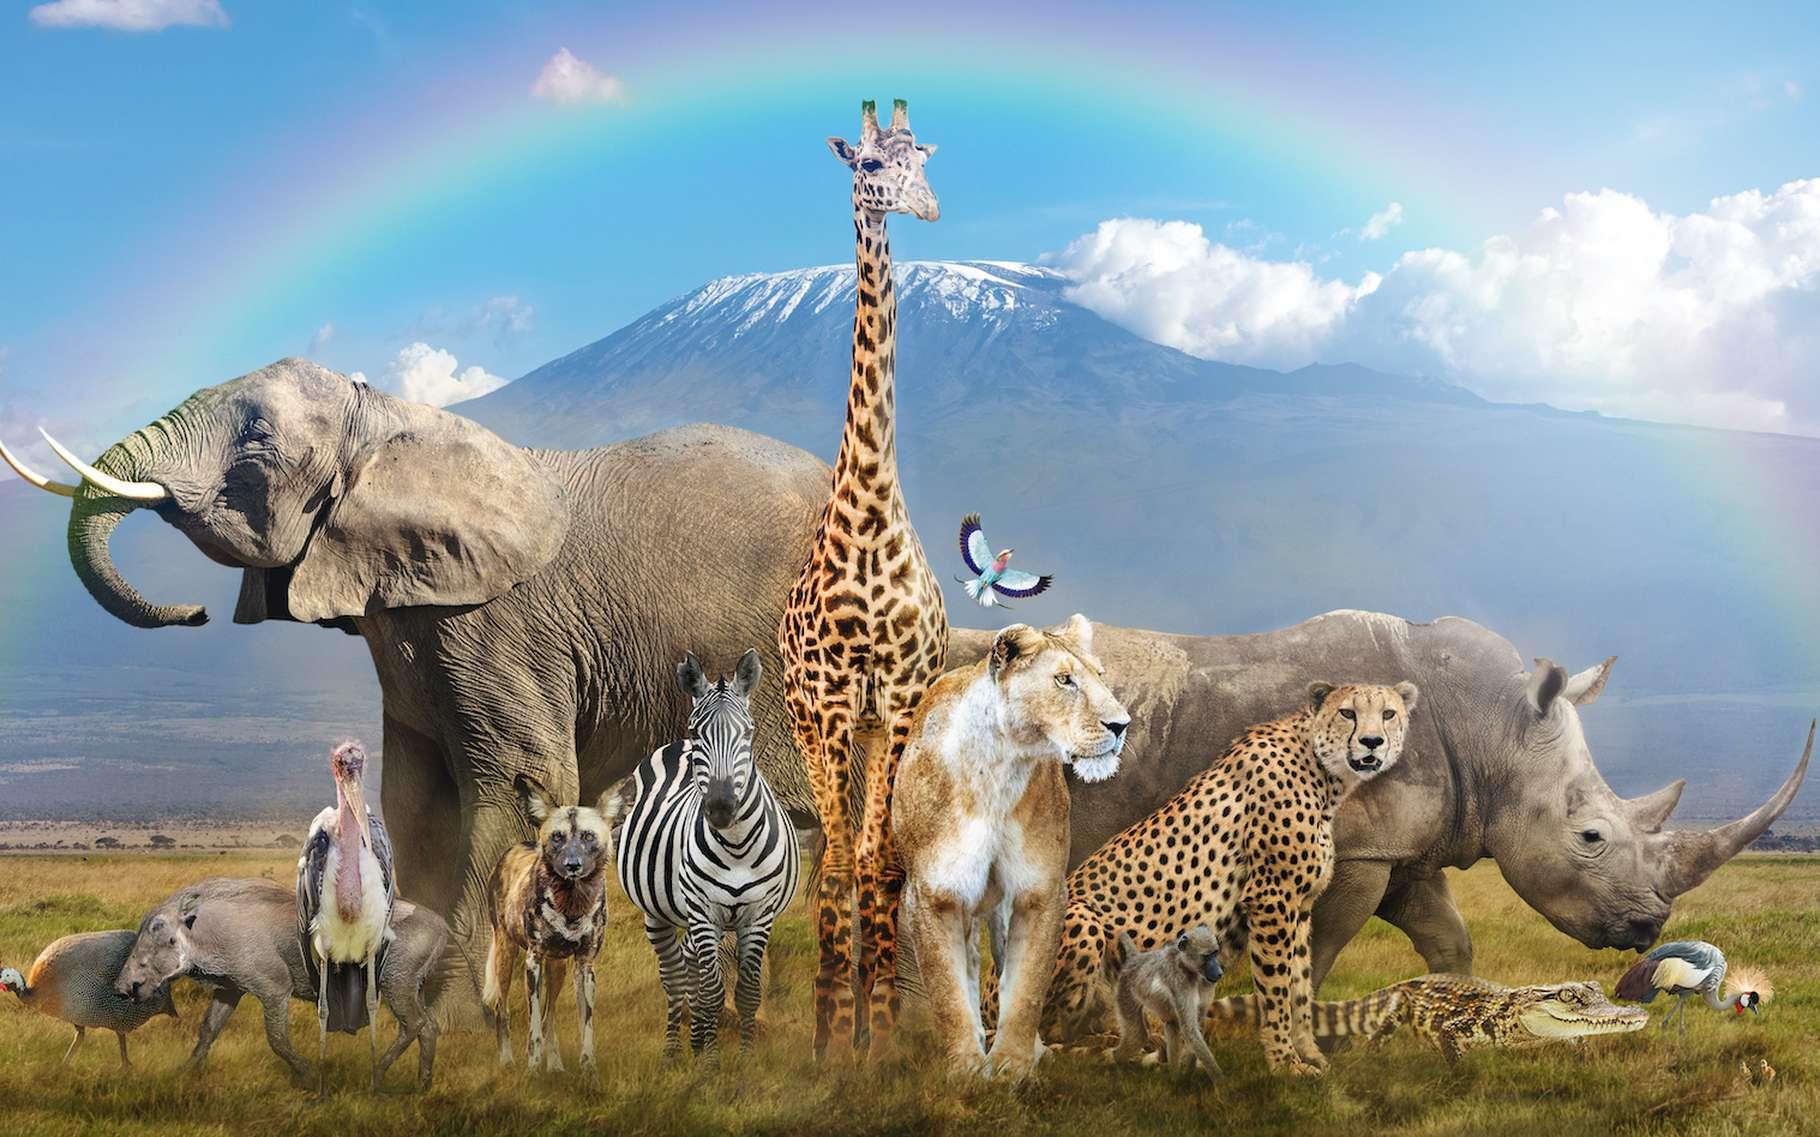 En rachetant le zoo de Pont-Scorff (Bretagne), Rewild, une coalition de sept associations, espère monter un centre de réhabilitation de la faune sauvage pour soutenir la lutte contre le trafic des animaux. © adogslifephoto, Adobe Stock